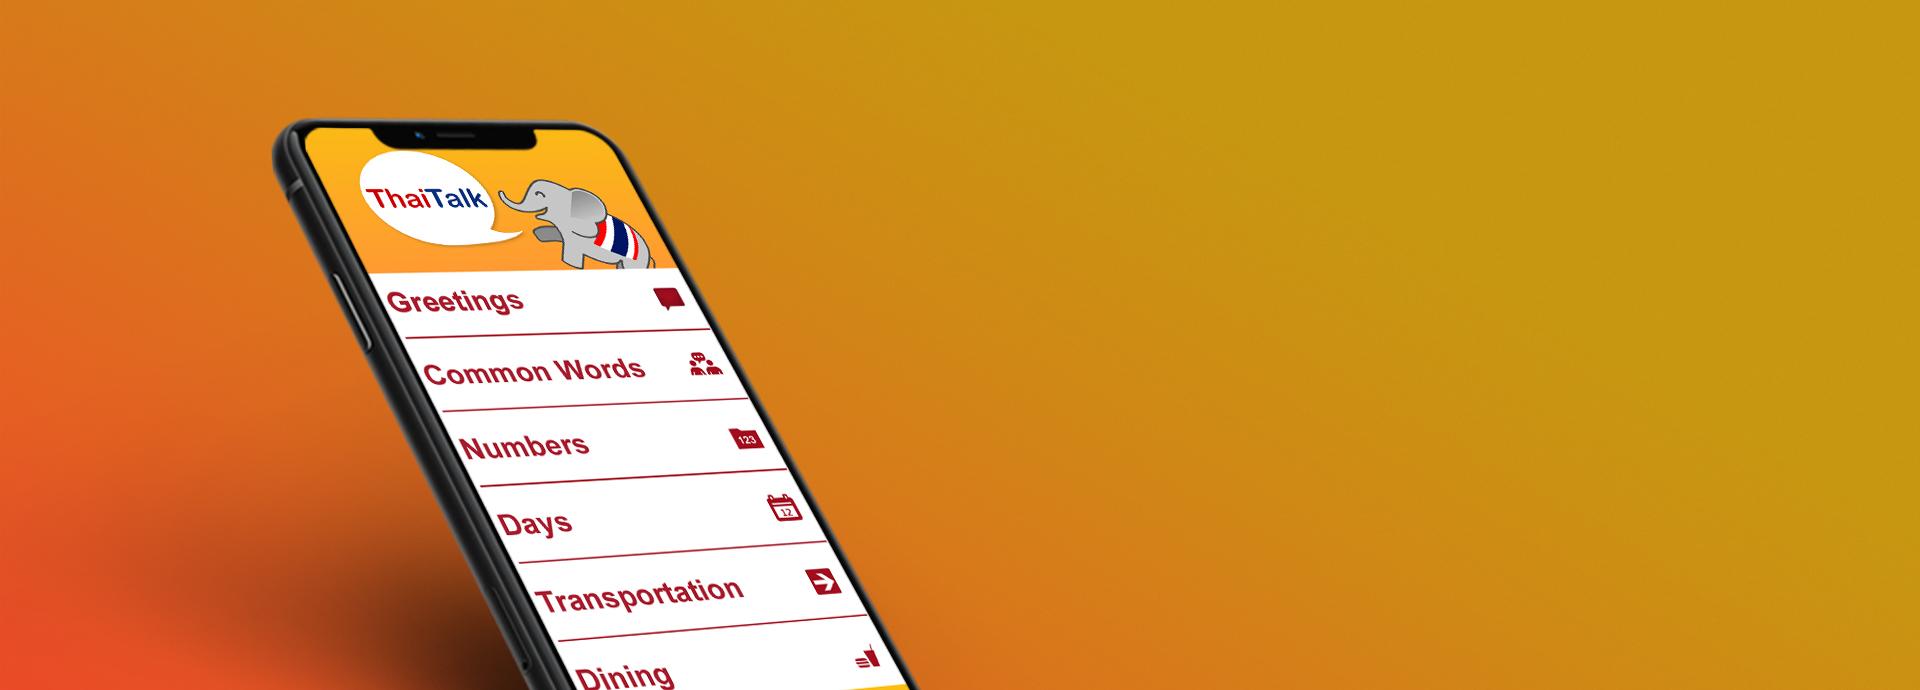 ThaiTalk (mobile application)